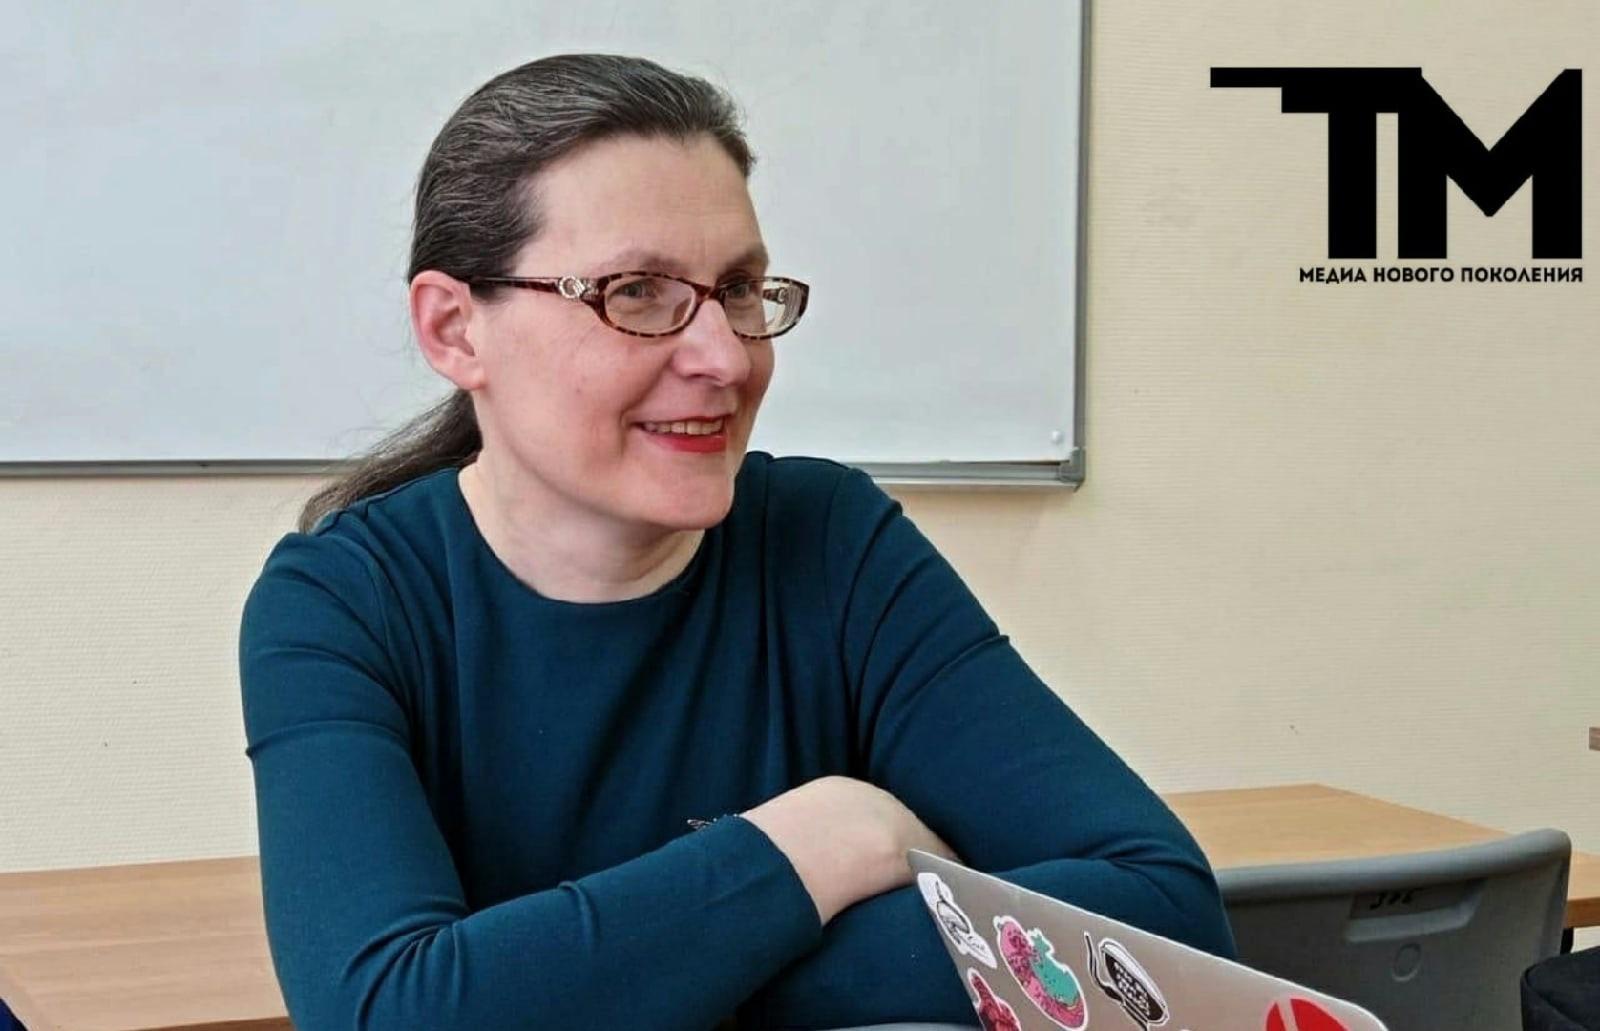 Про колонию, перловку и извергов: интервью с преподавателем русского языка и литературы